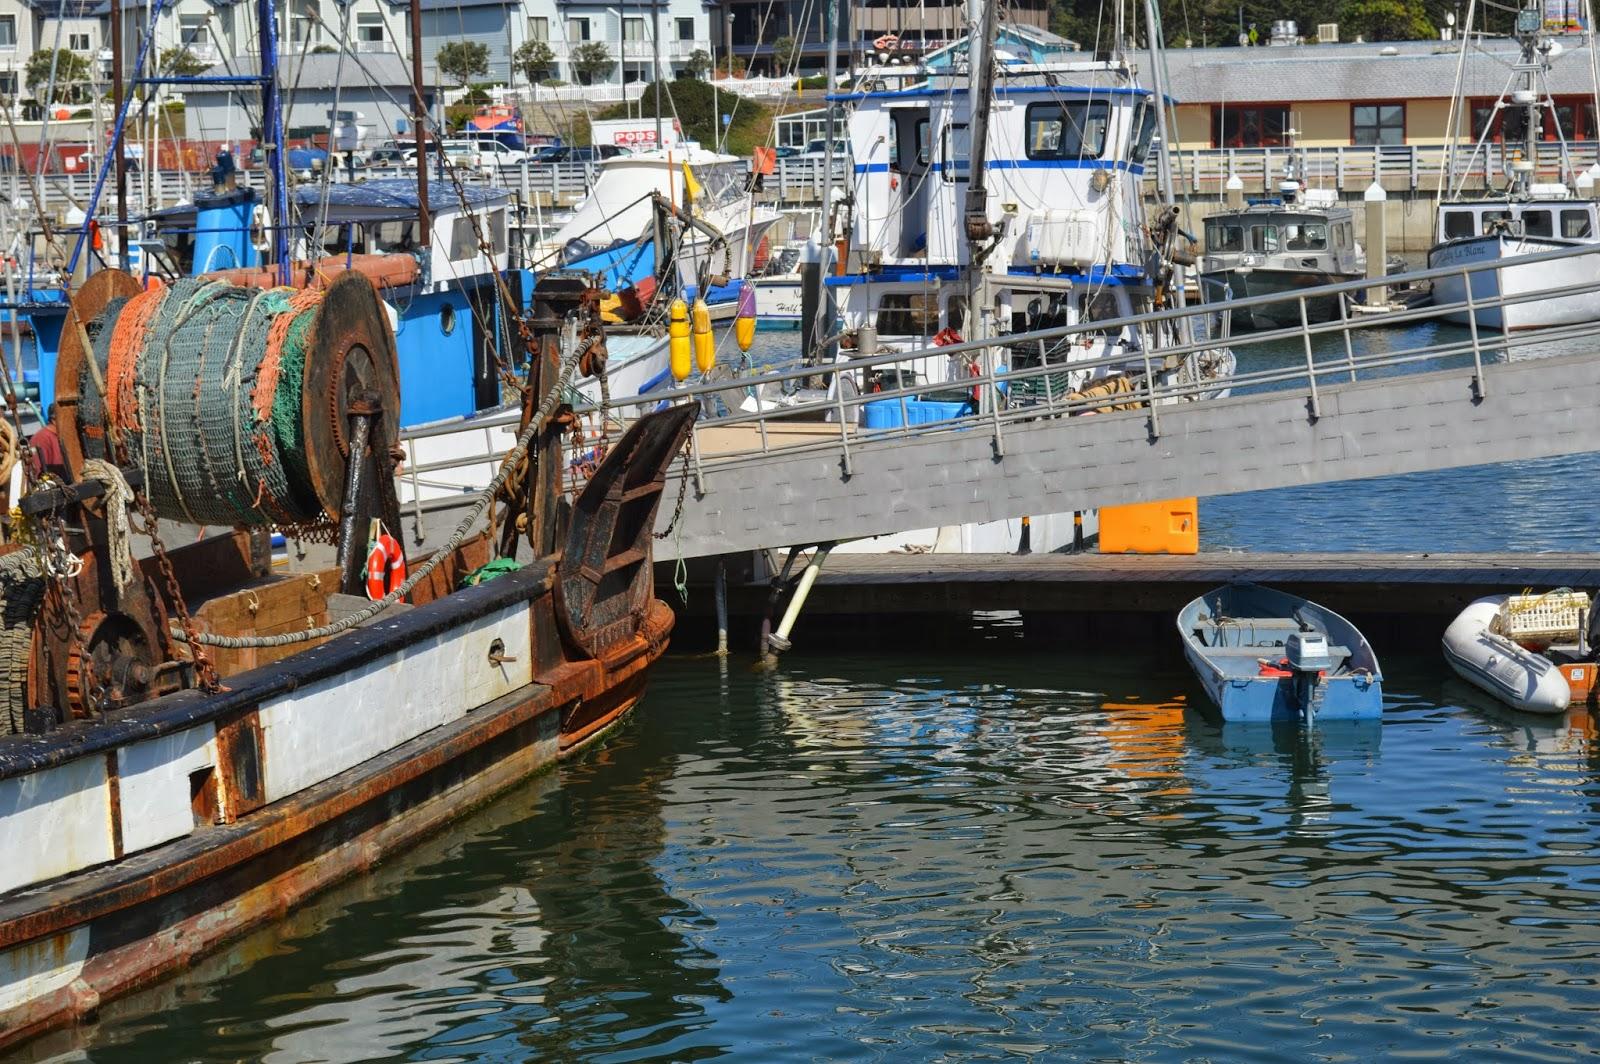 Half moon bay coastal trail autumn walk for Half moon bay pier fishing